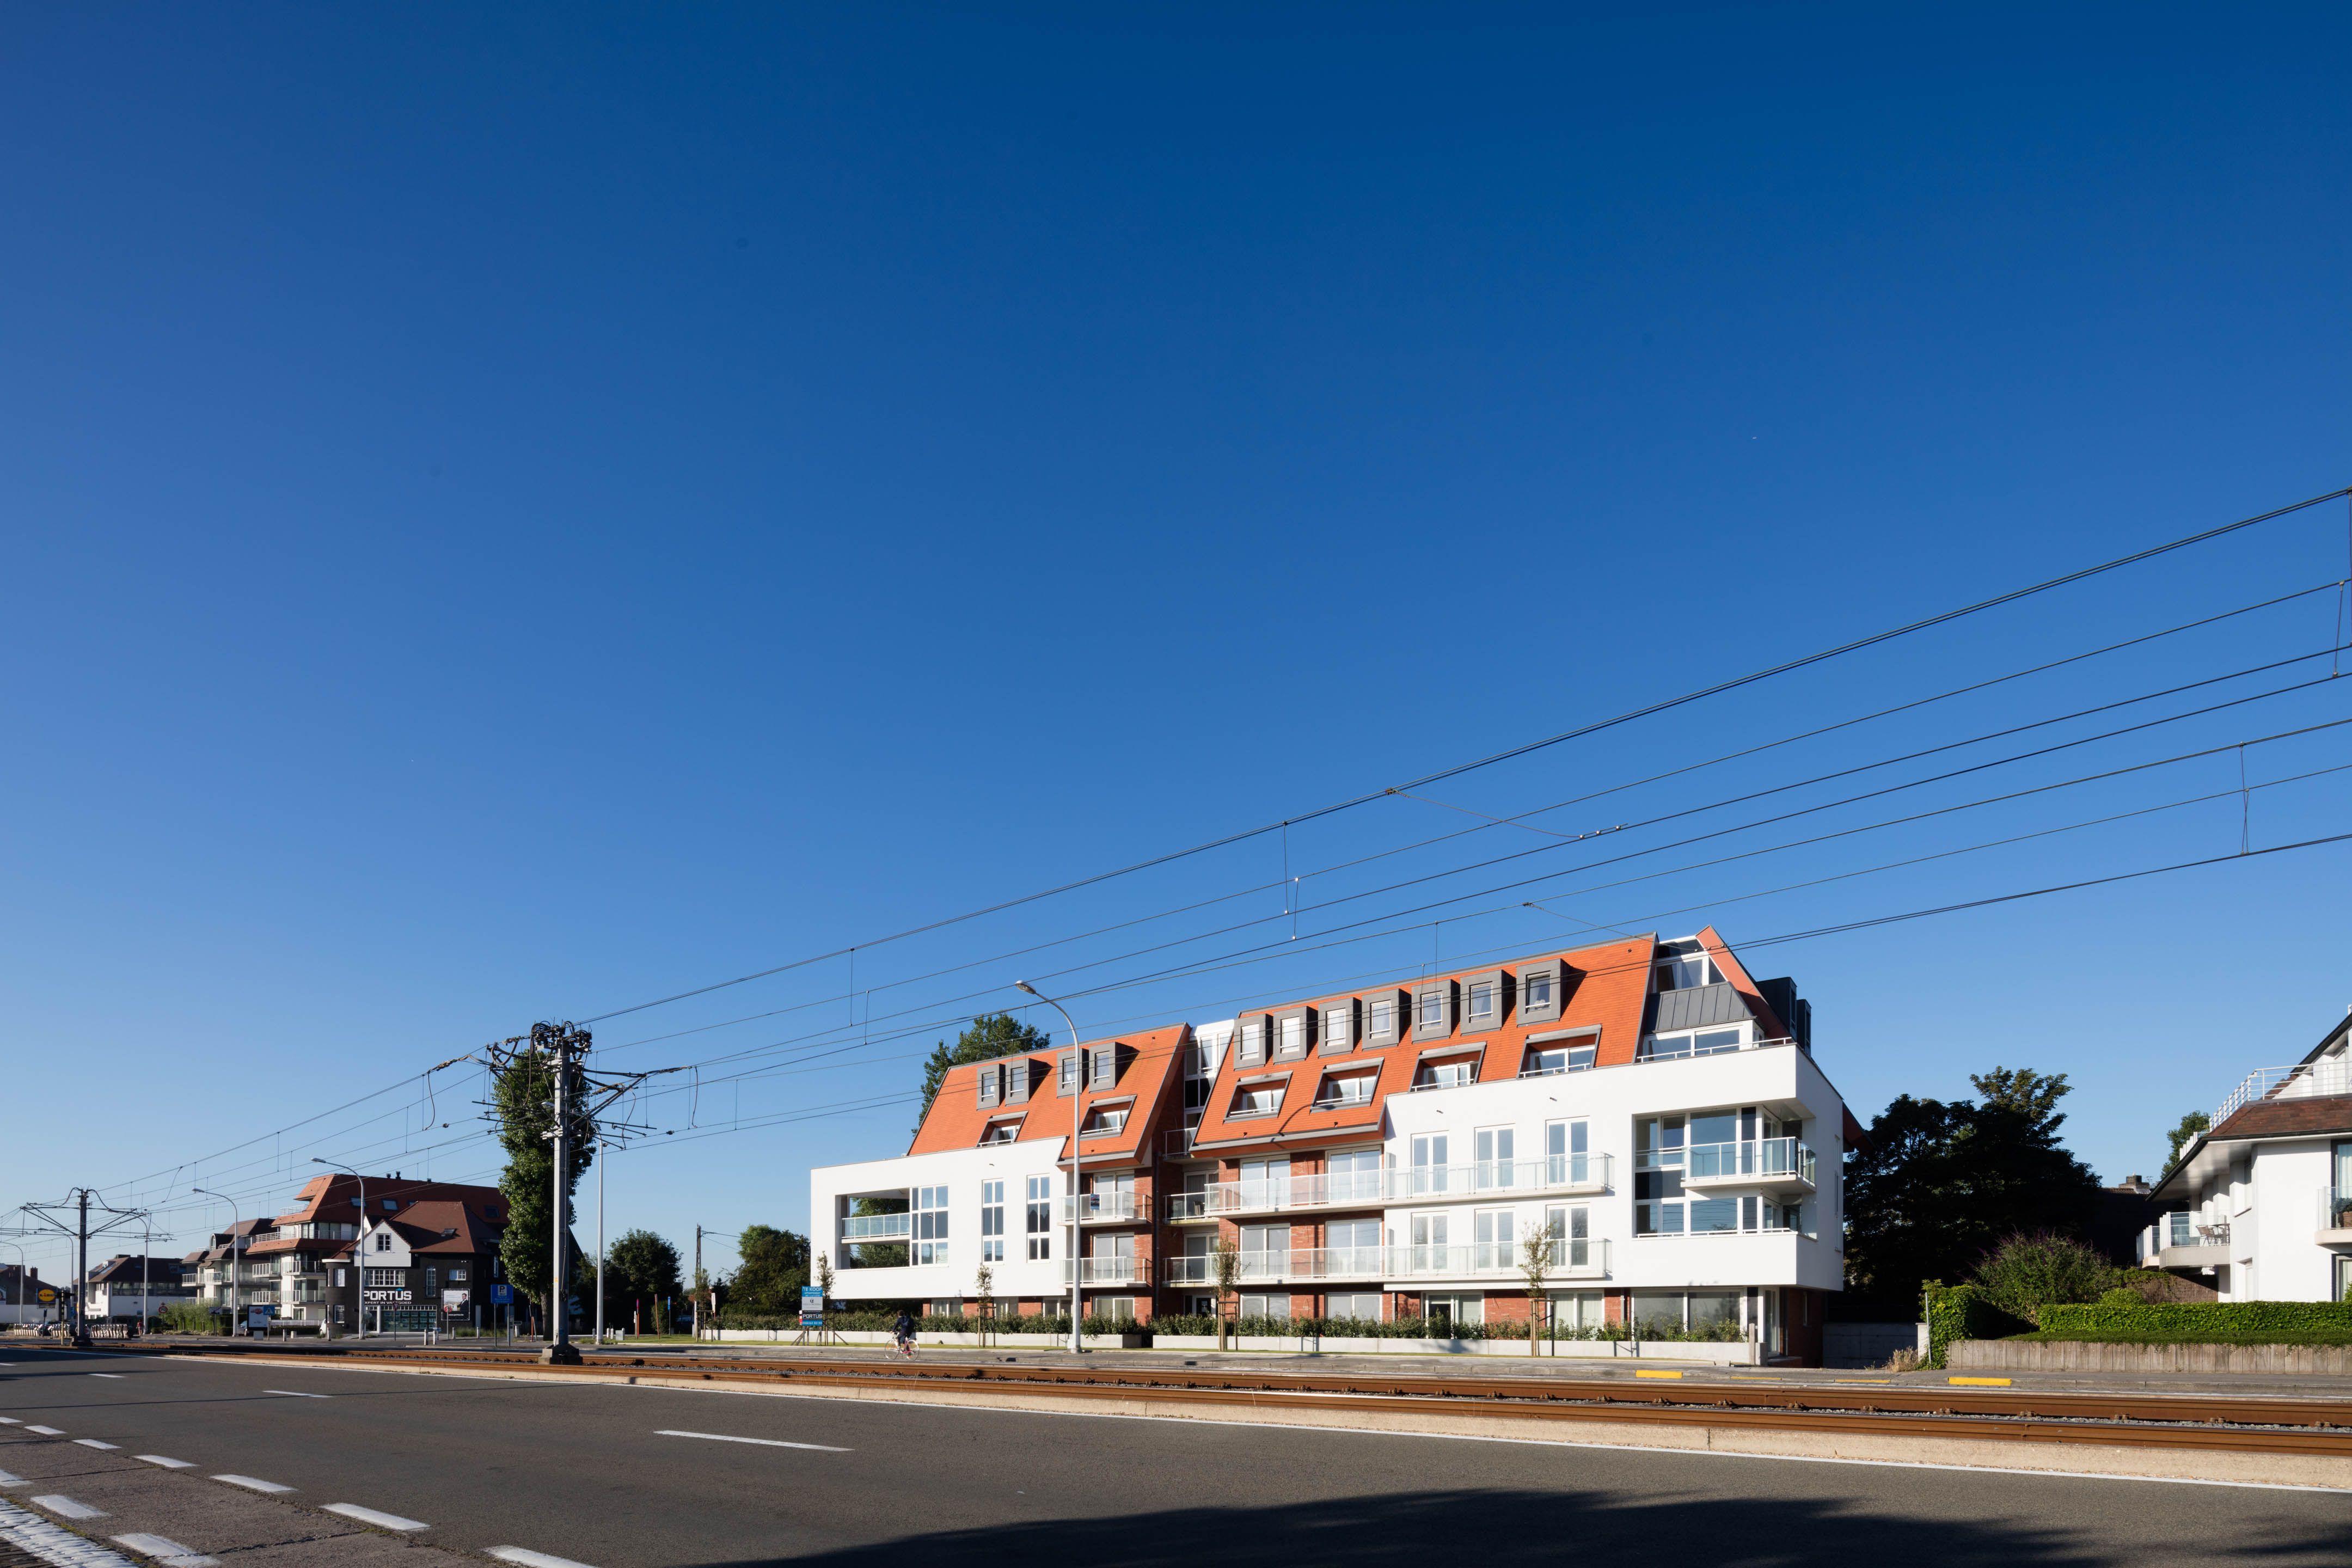 Appartement te koop met 3 slaapkamers, 2 badkamers en groot terras  - 9313